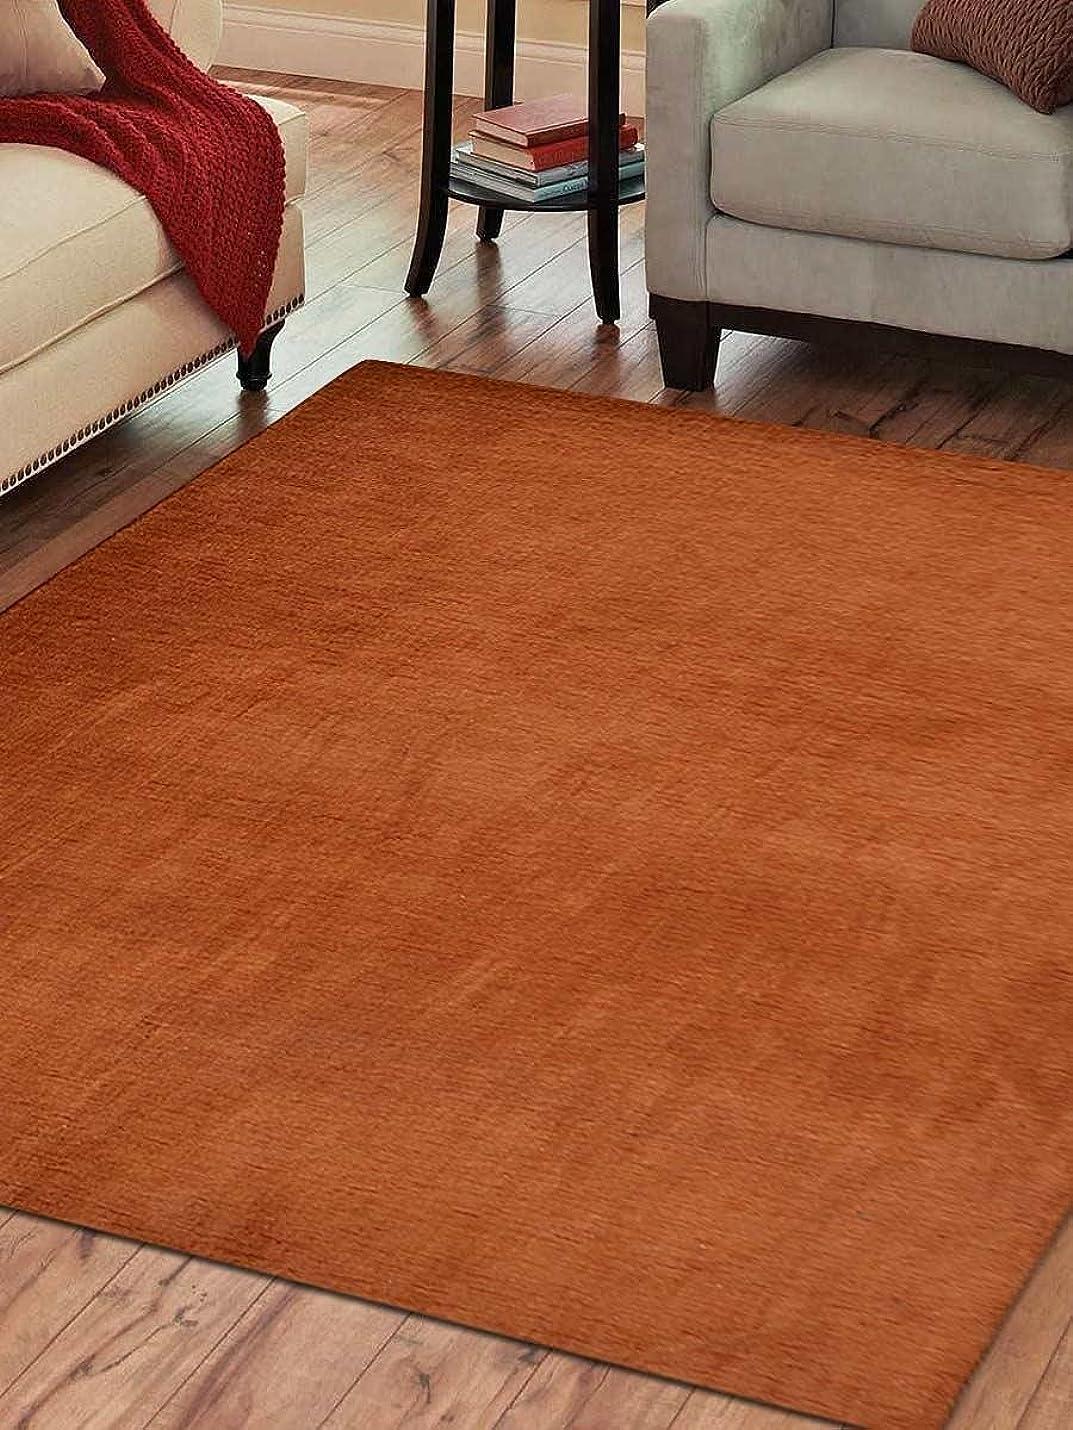 ハチシチリア削減rugsotic Carpets Hand Knotted Gabbehウールソリッド5?' X 8?' Area Rugオレンジl00111